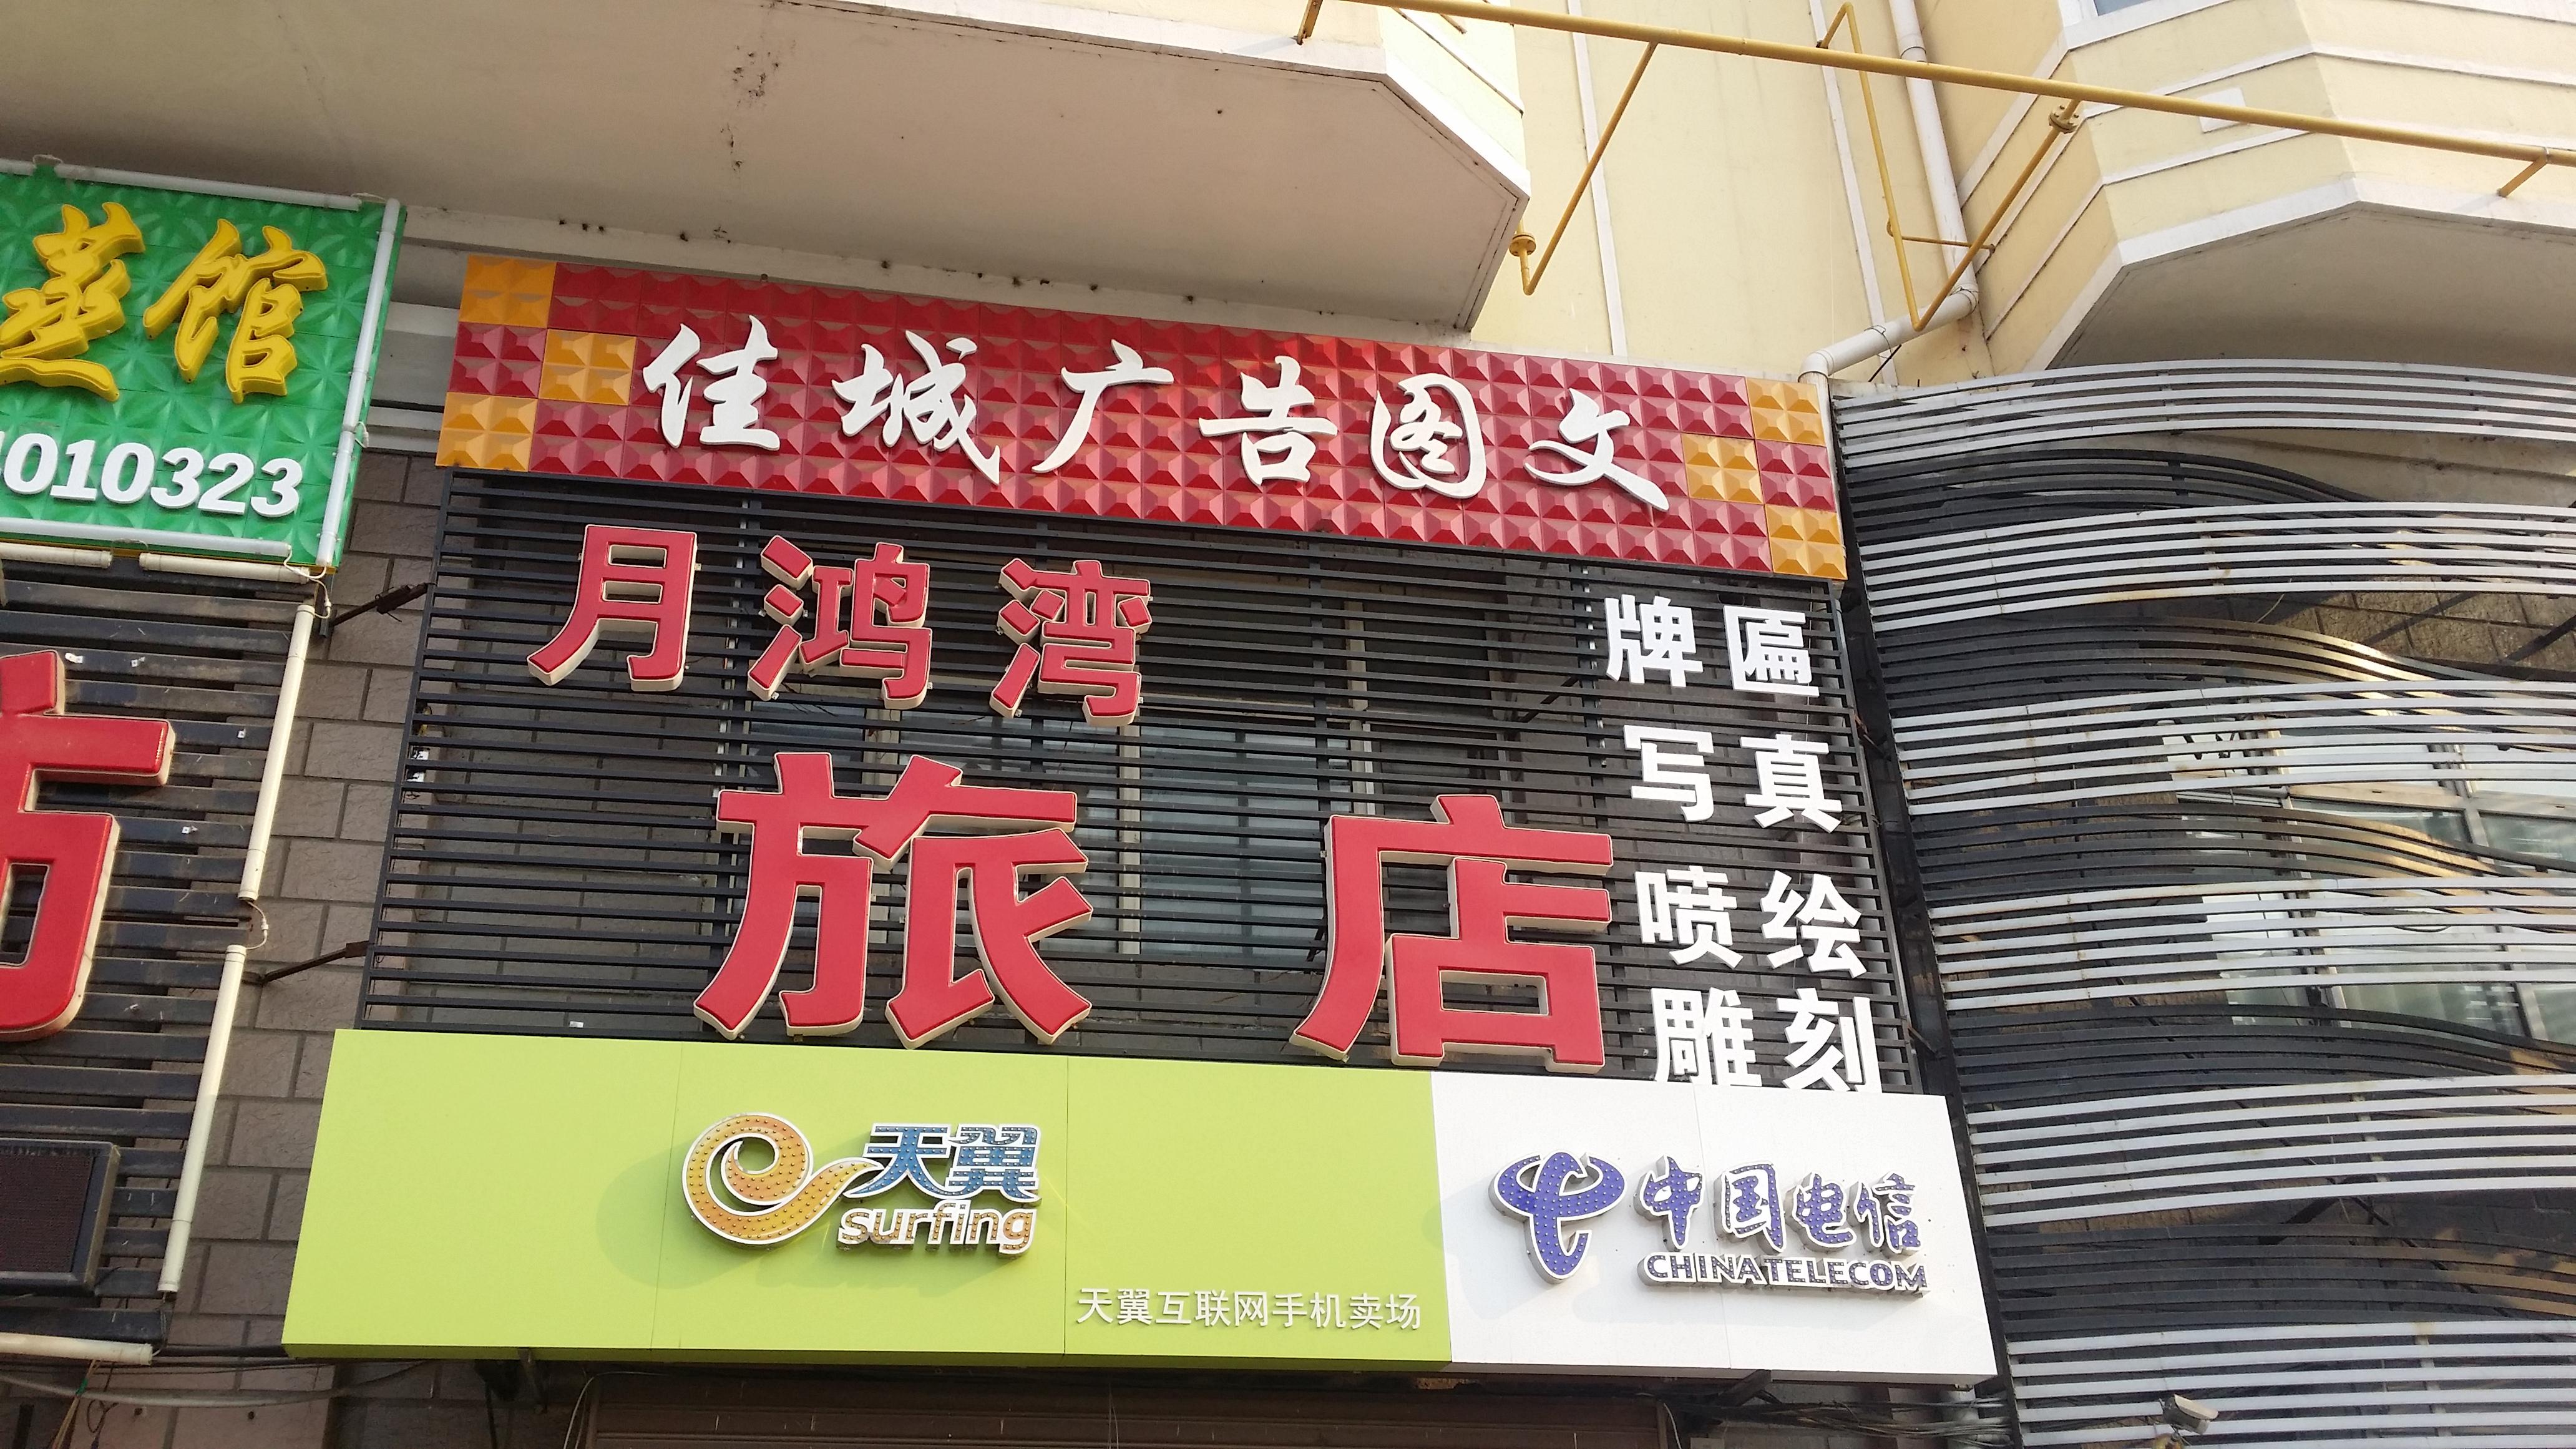 佳城广告图文旅馆